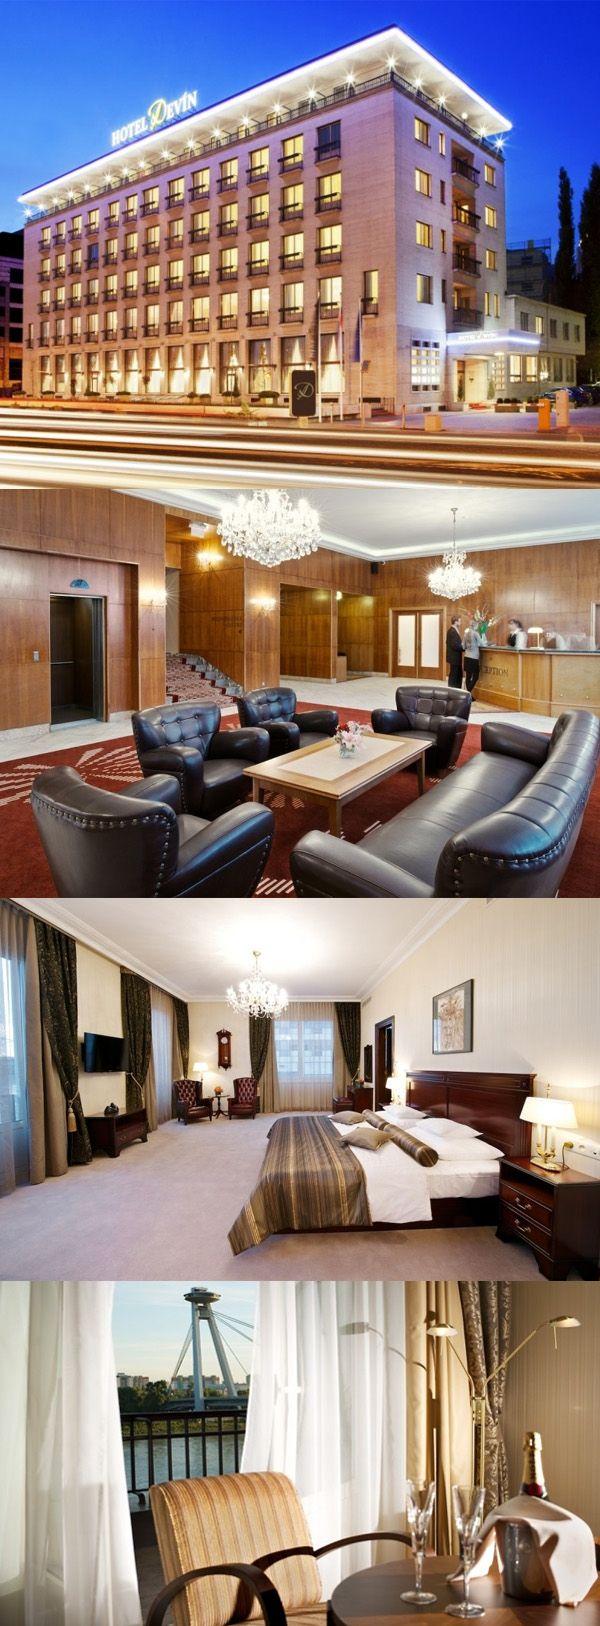 DEVIN Hotel **** Pozsony, négycsillagos szolgáltatásokkal.